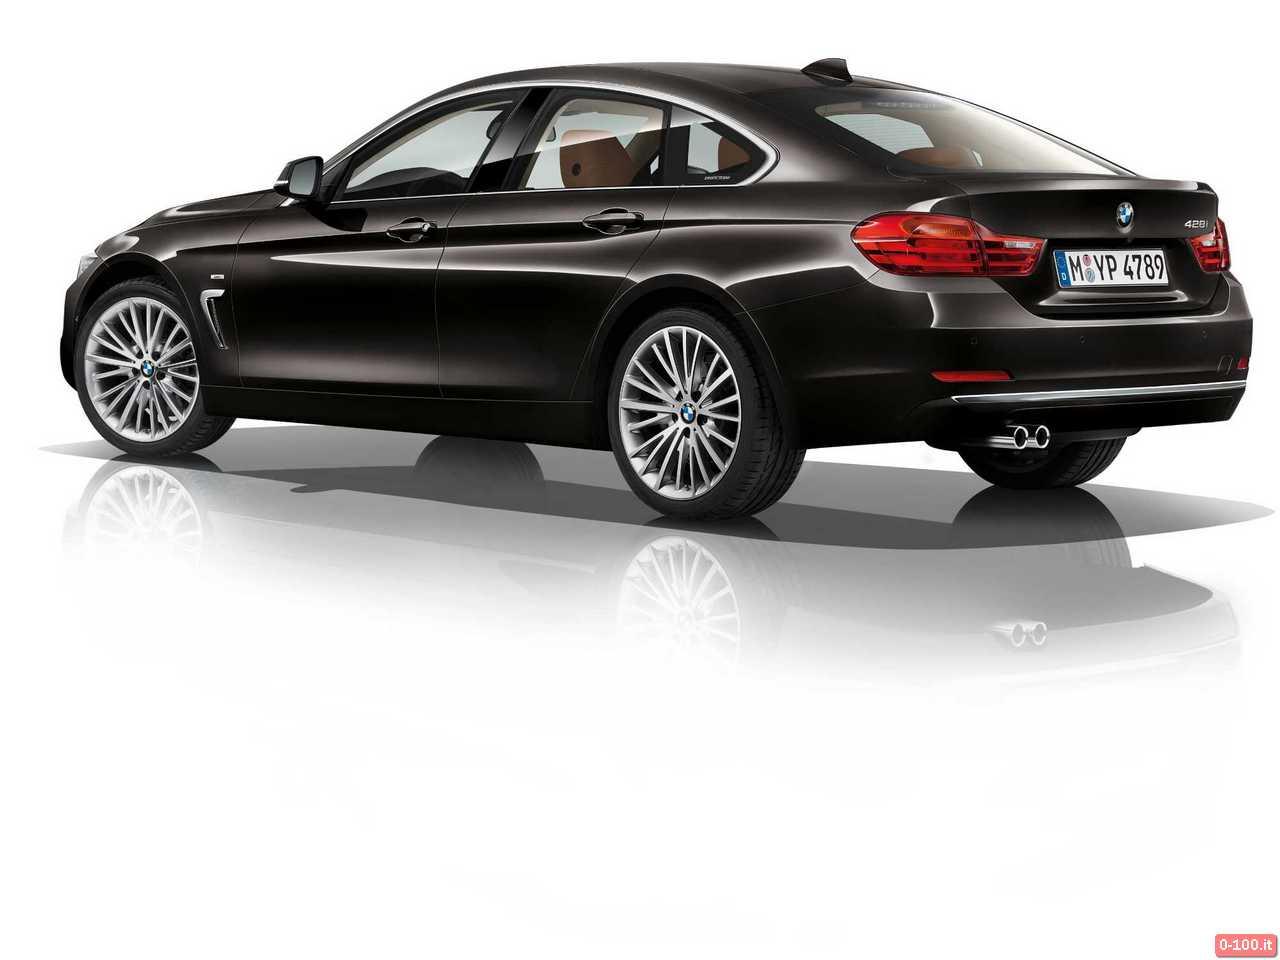 bmw-serie-4-gran-coupe-prezzo-price-ginevra-geneve-2014-0-100_90